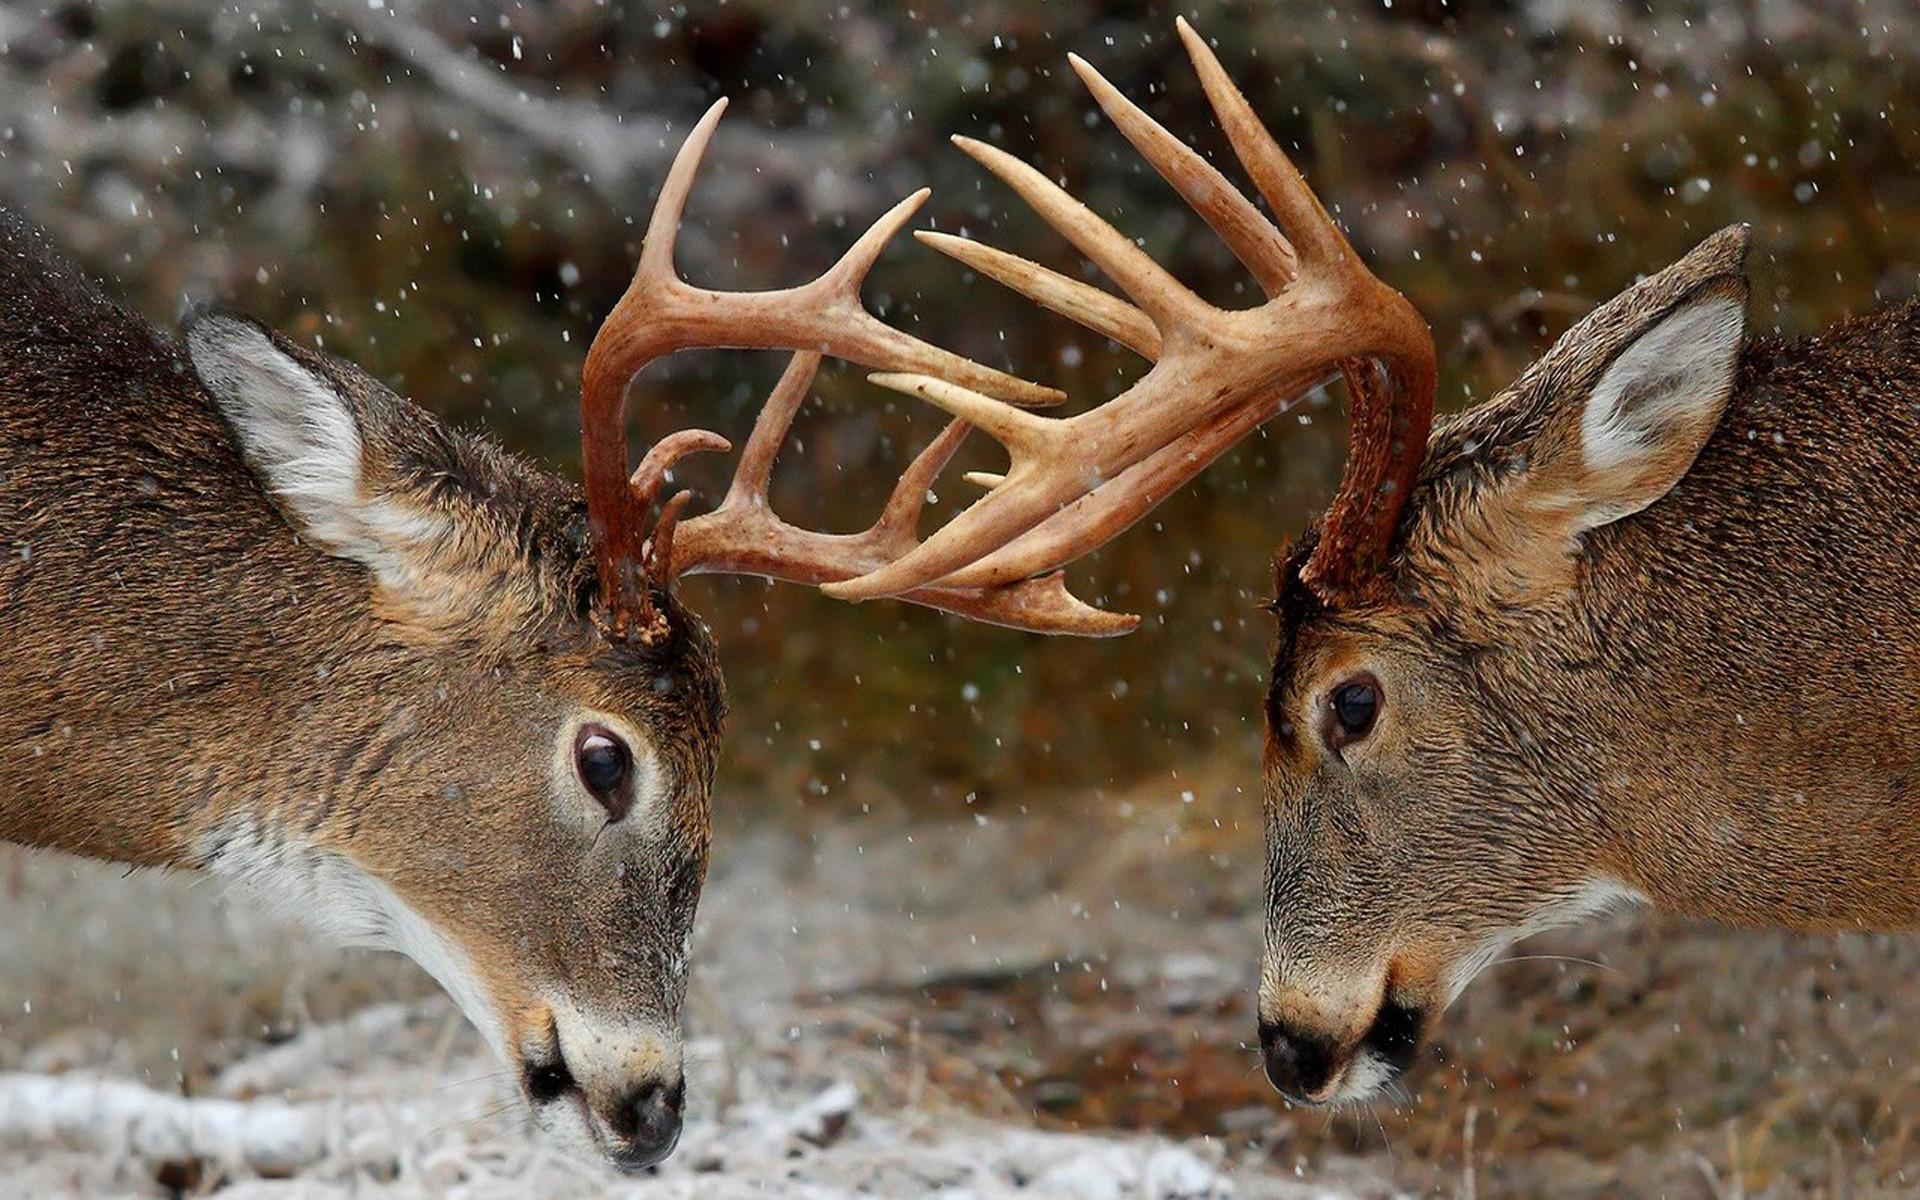 deer iphone hd wallpapers | Desktop Backgrounds for Free HD Wallpaper .